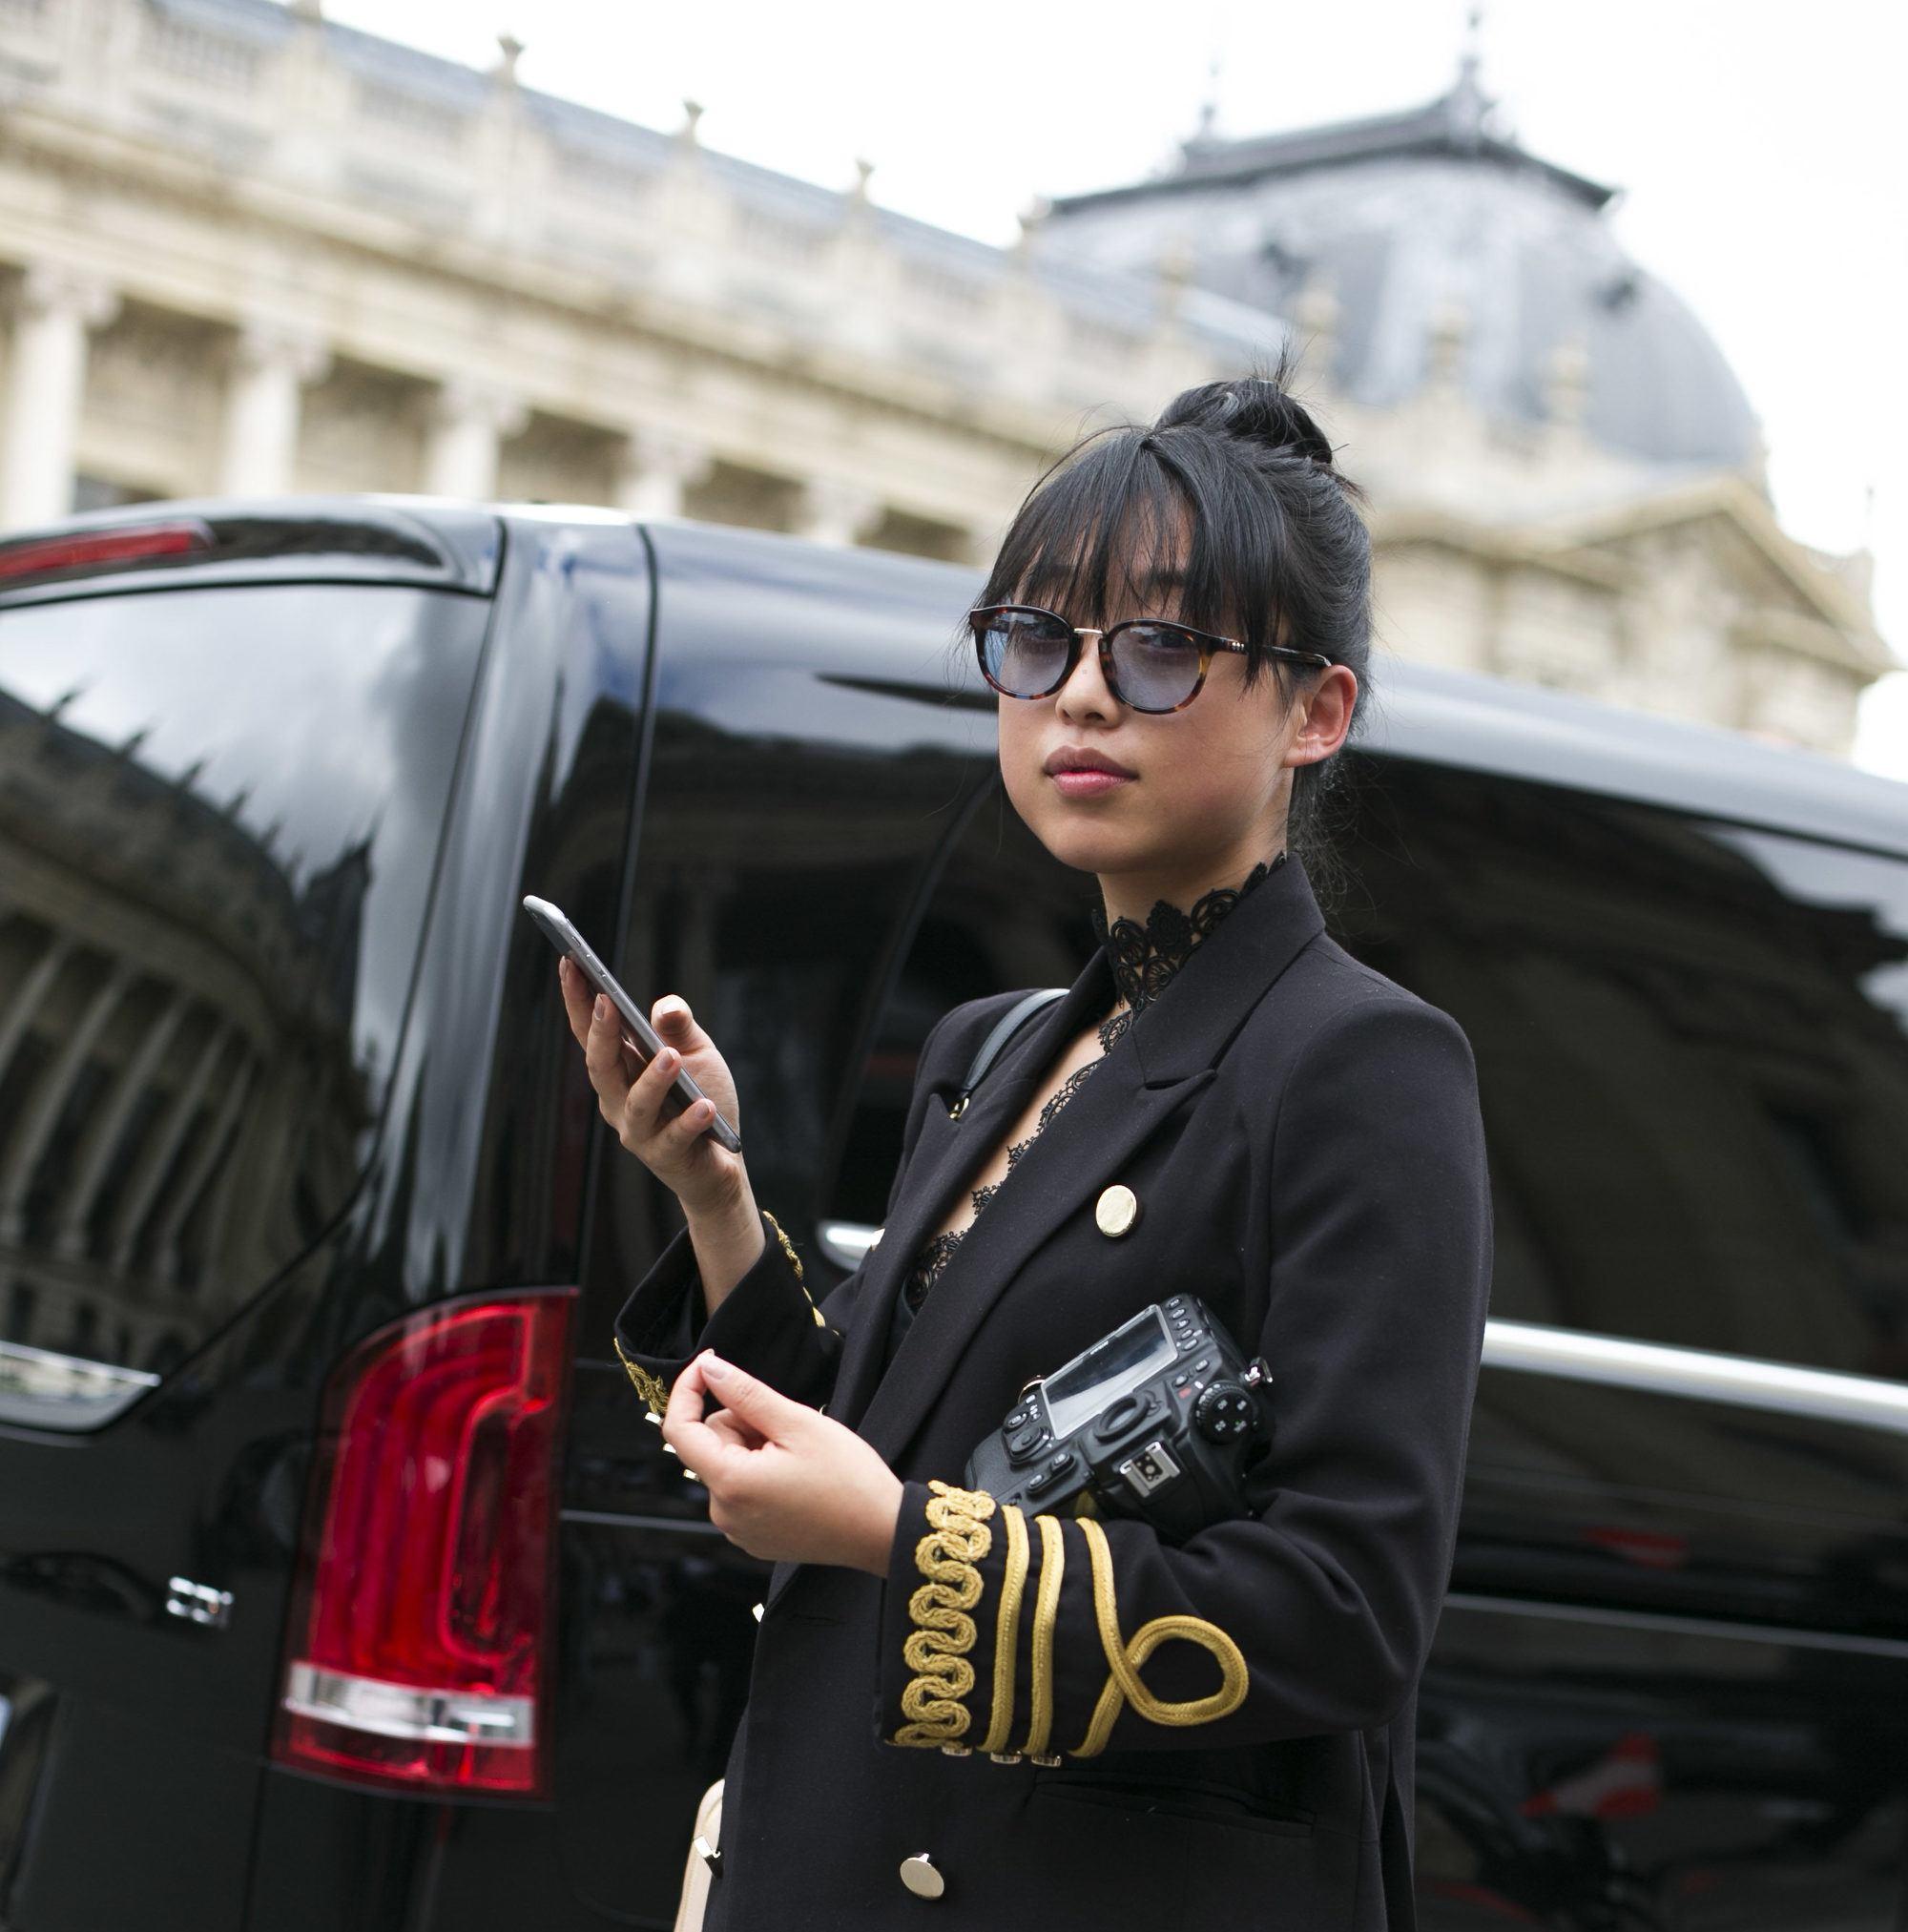 photo de rue d'une femme aux cheveux courts et à la longue frange portant une tenue noire et des lunettes